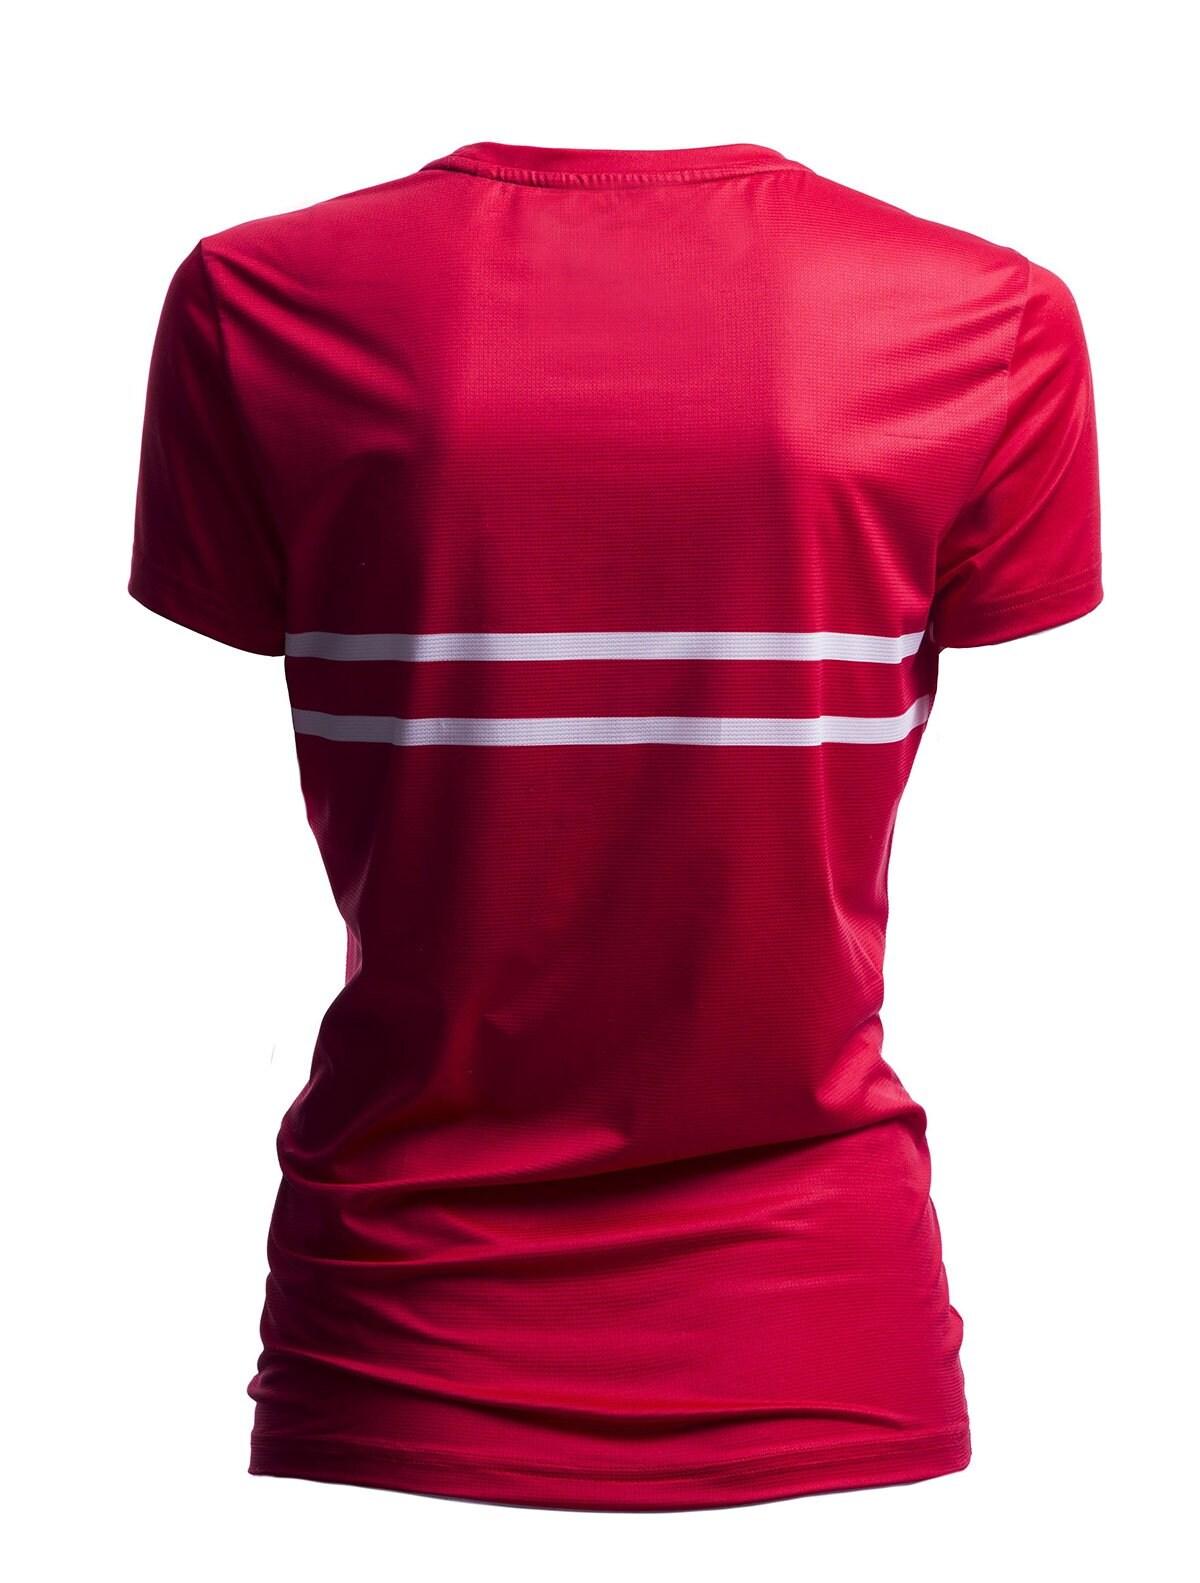 46ff00d75 Koszulka funkcyjna damska Polska Pyeongchang 2018 TSDF900 - czerwony  wiśniowy